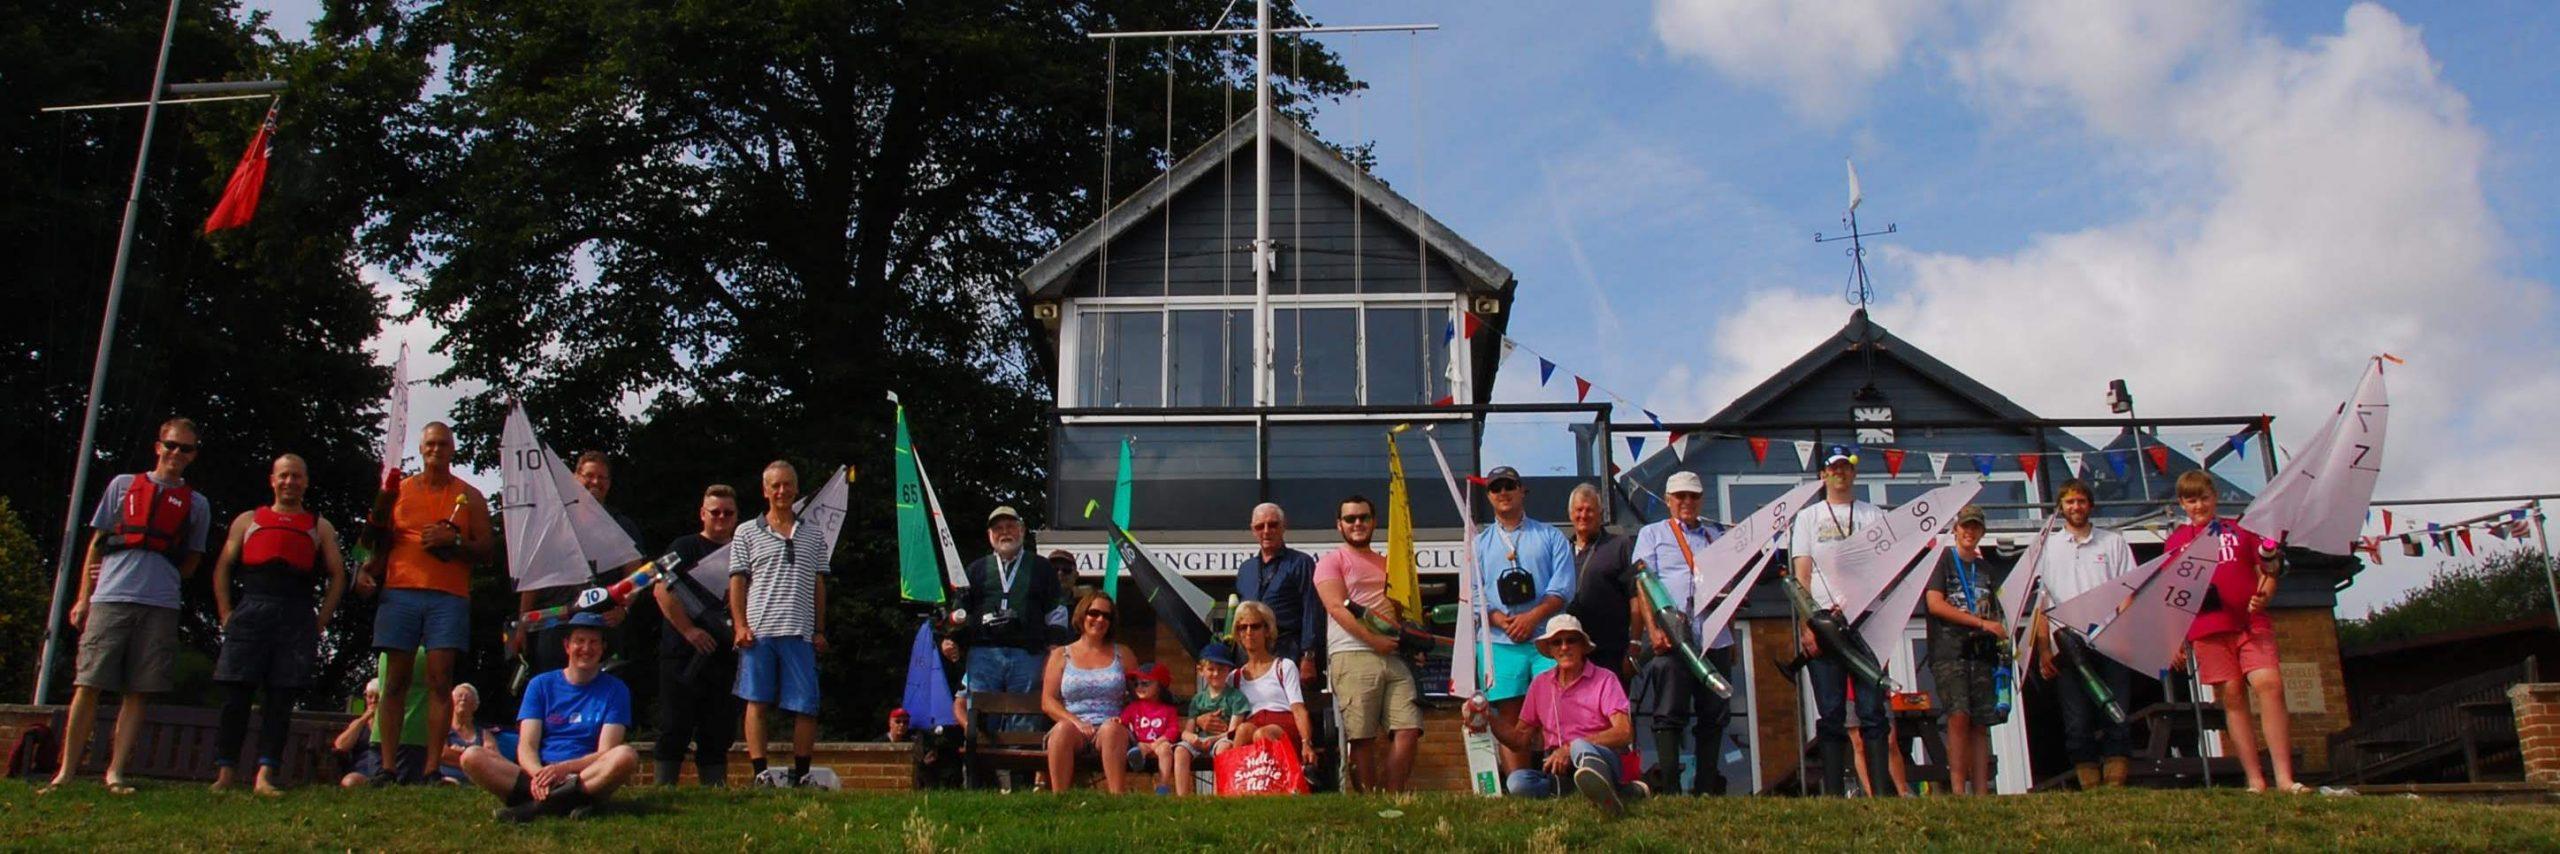 Waldringfield-Sailing-Club-A-Friendly-Community